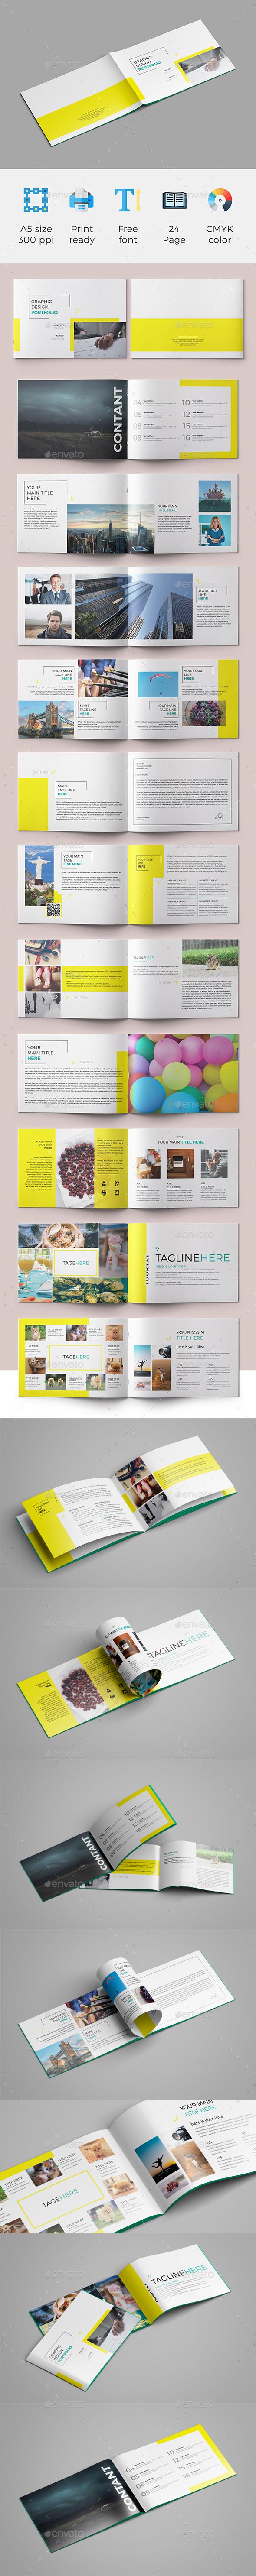 GraphicRiver A5 Brochure 02 20680146